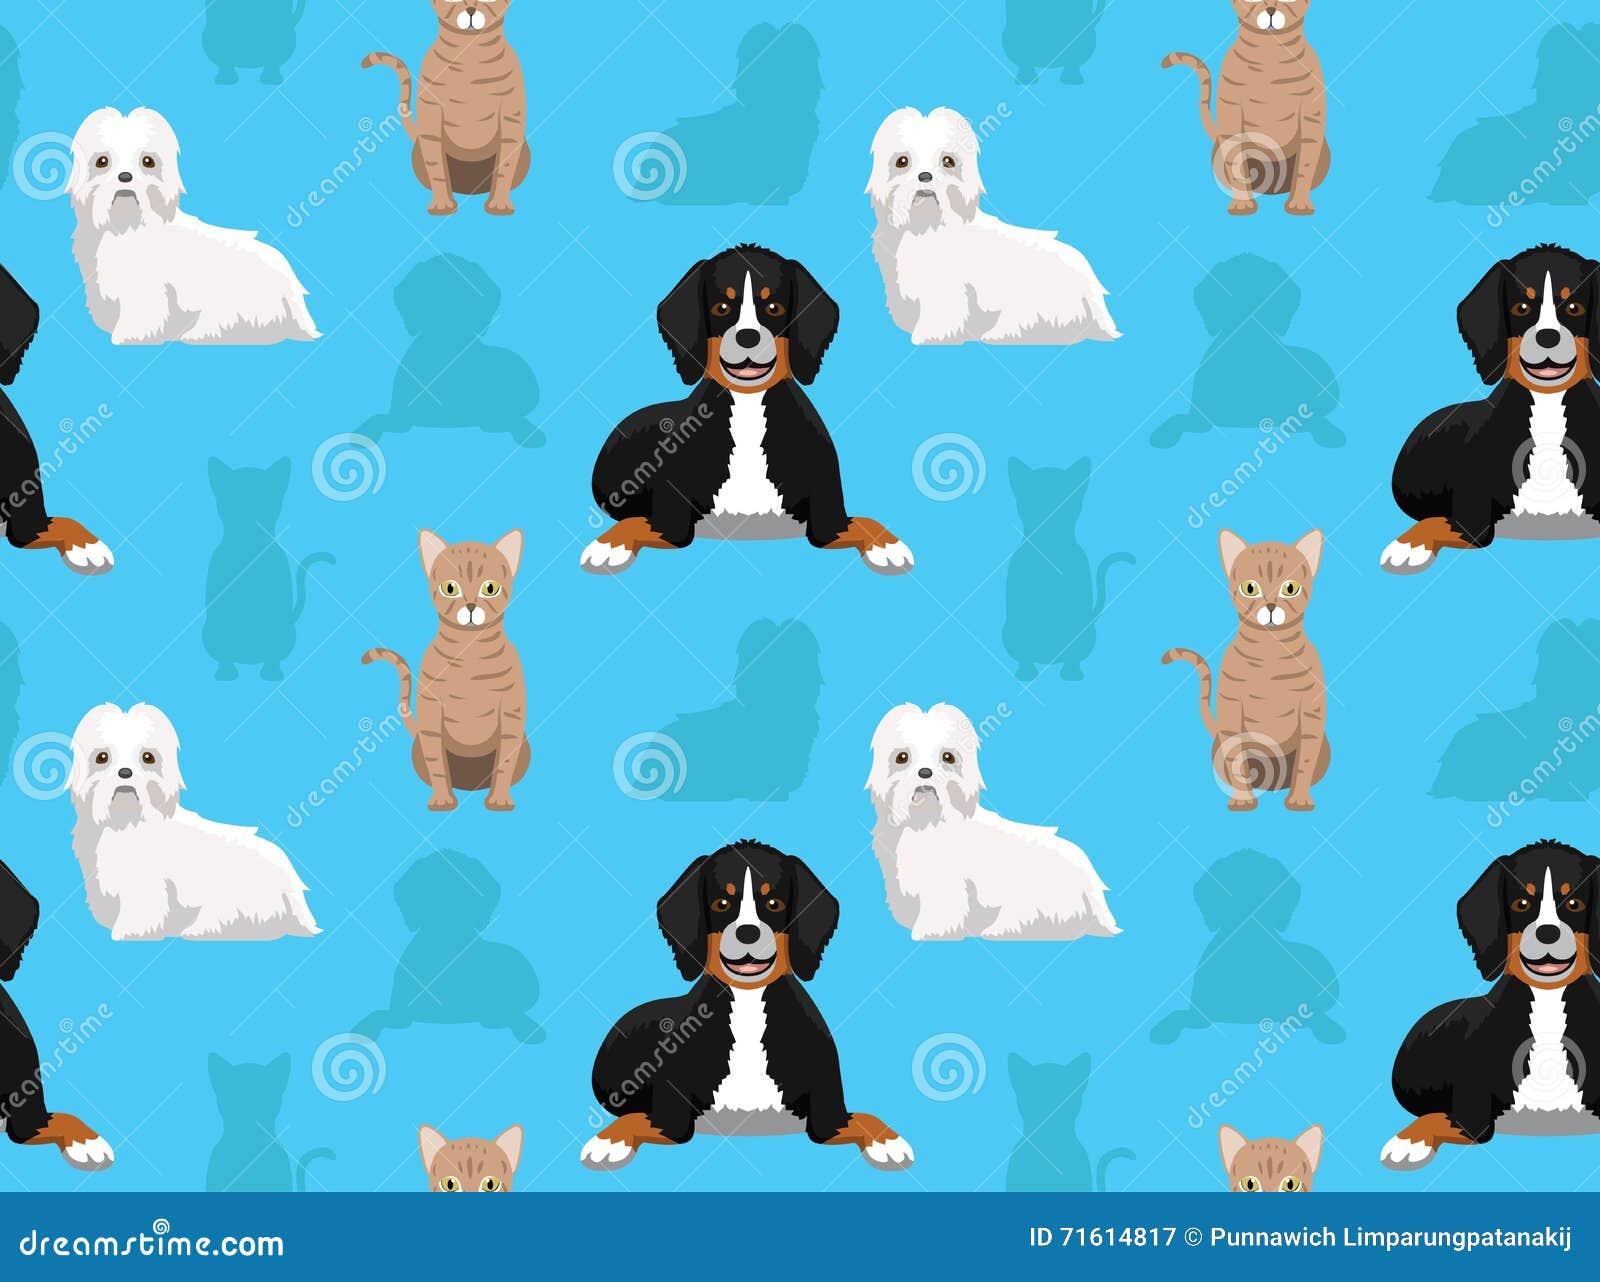 Dog Cat Wallpaper 2